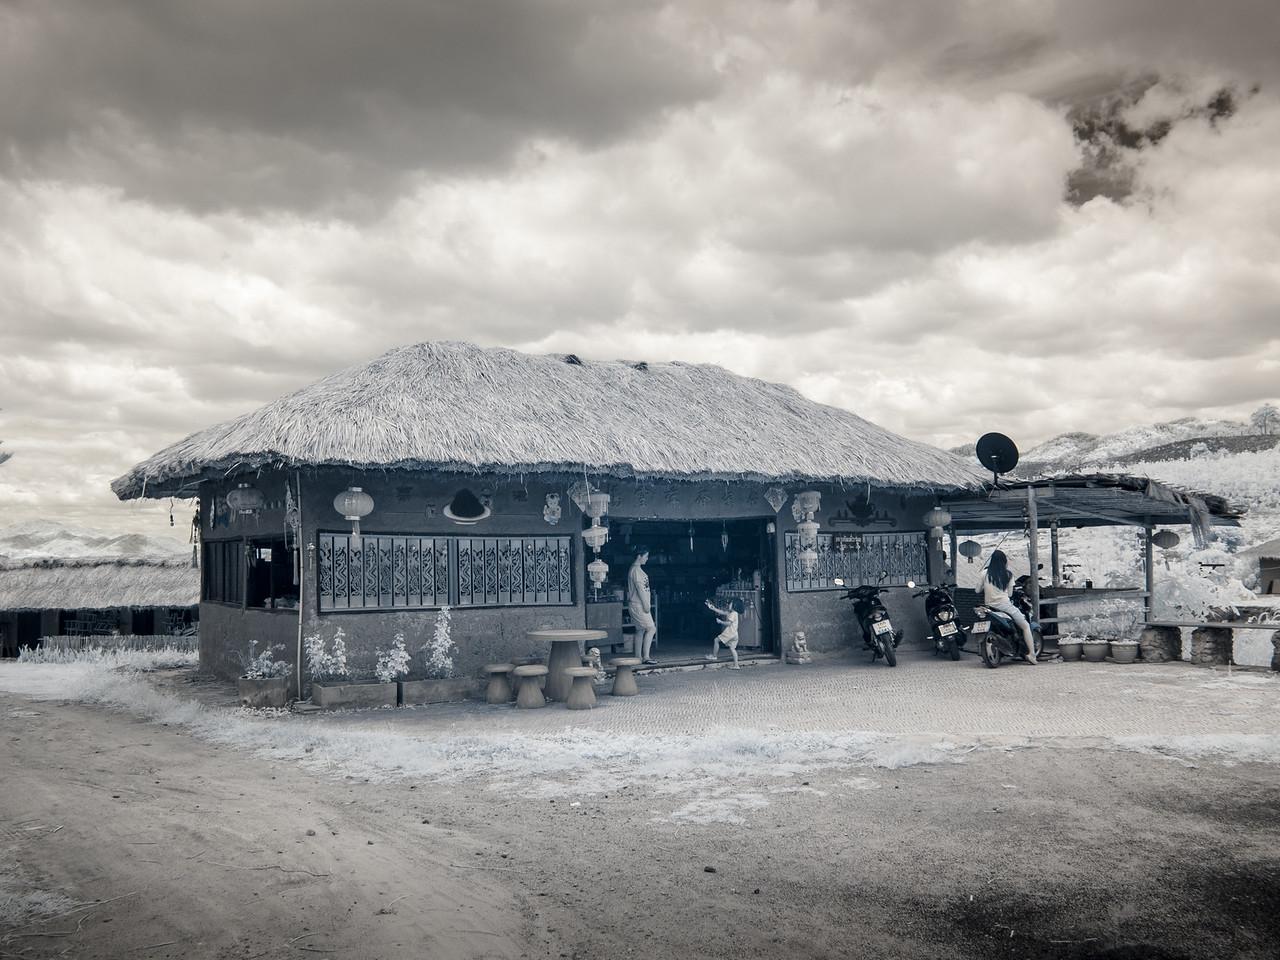 Shop in Santichon village. Shot in infrared.